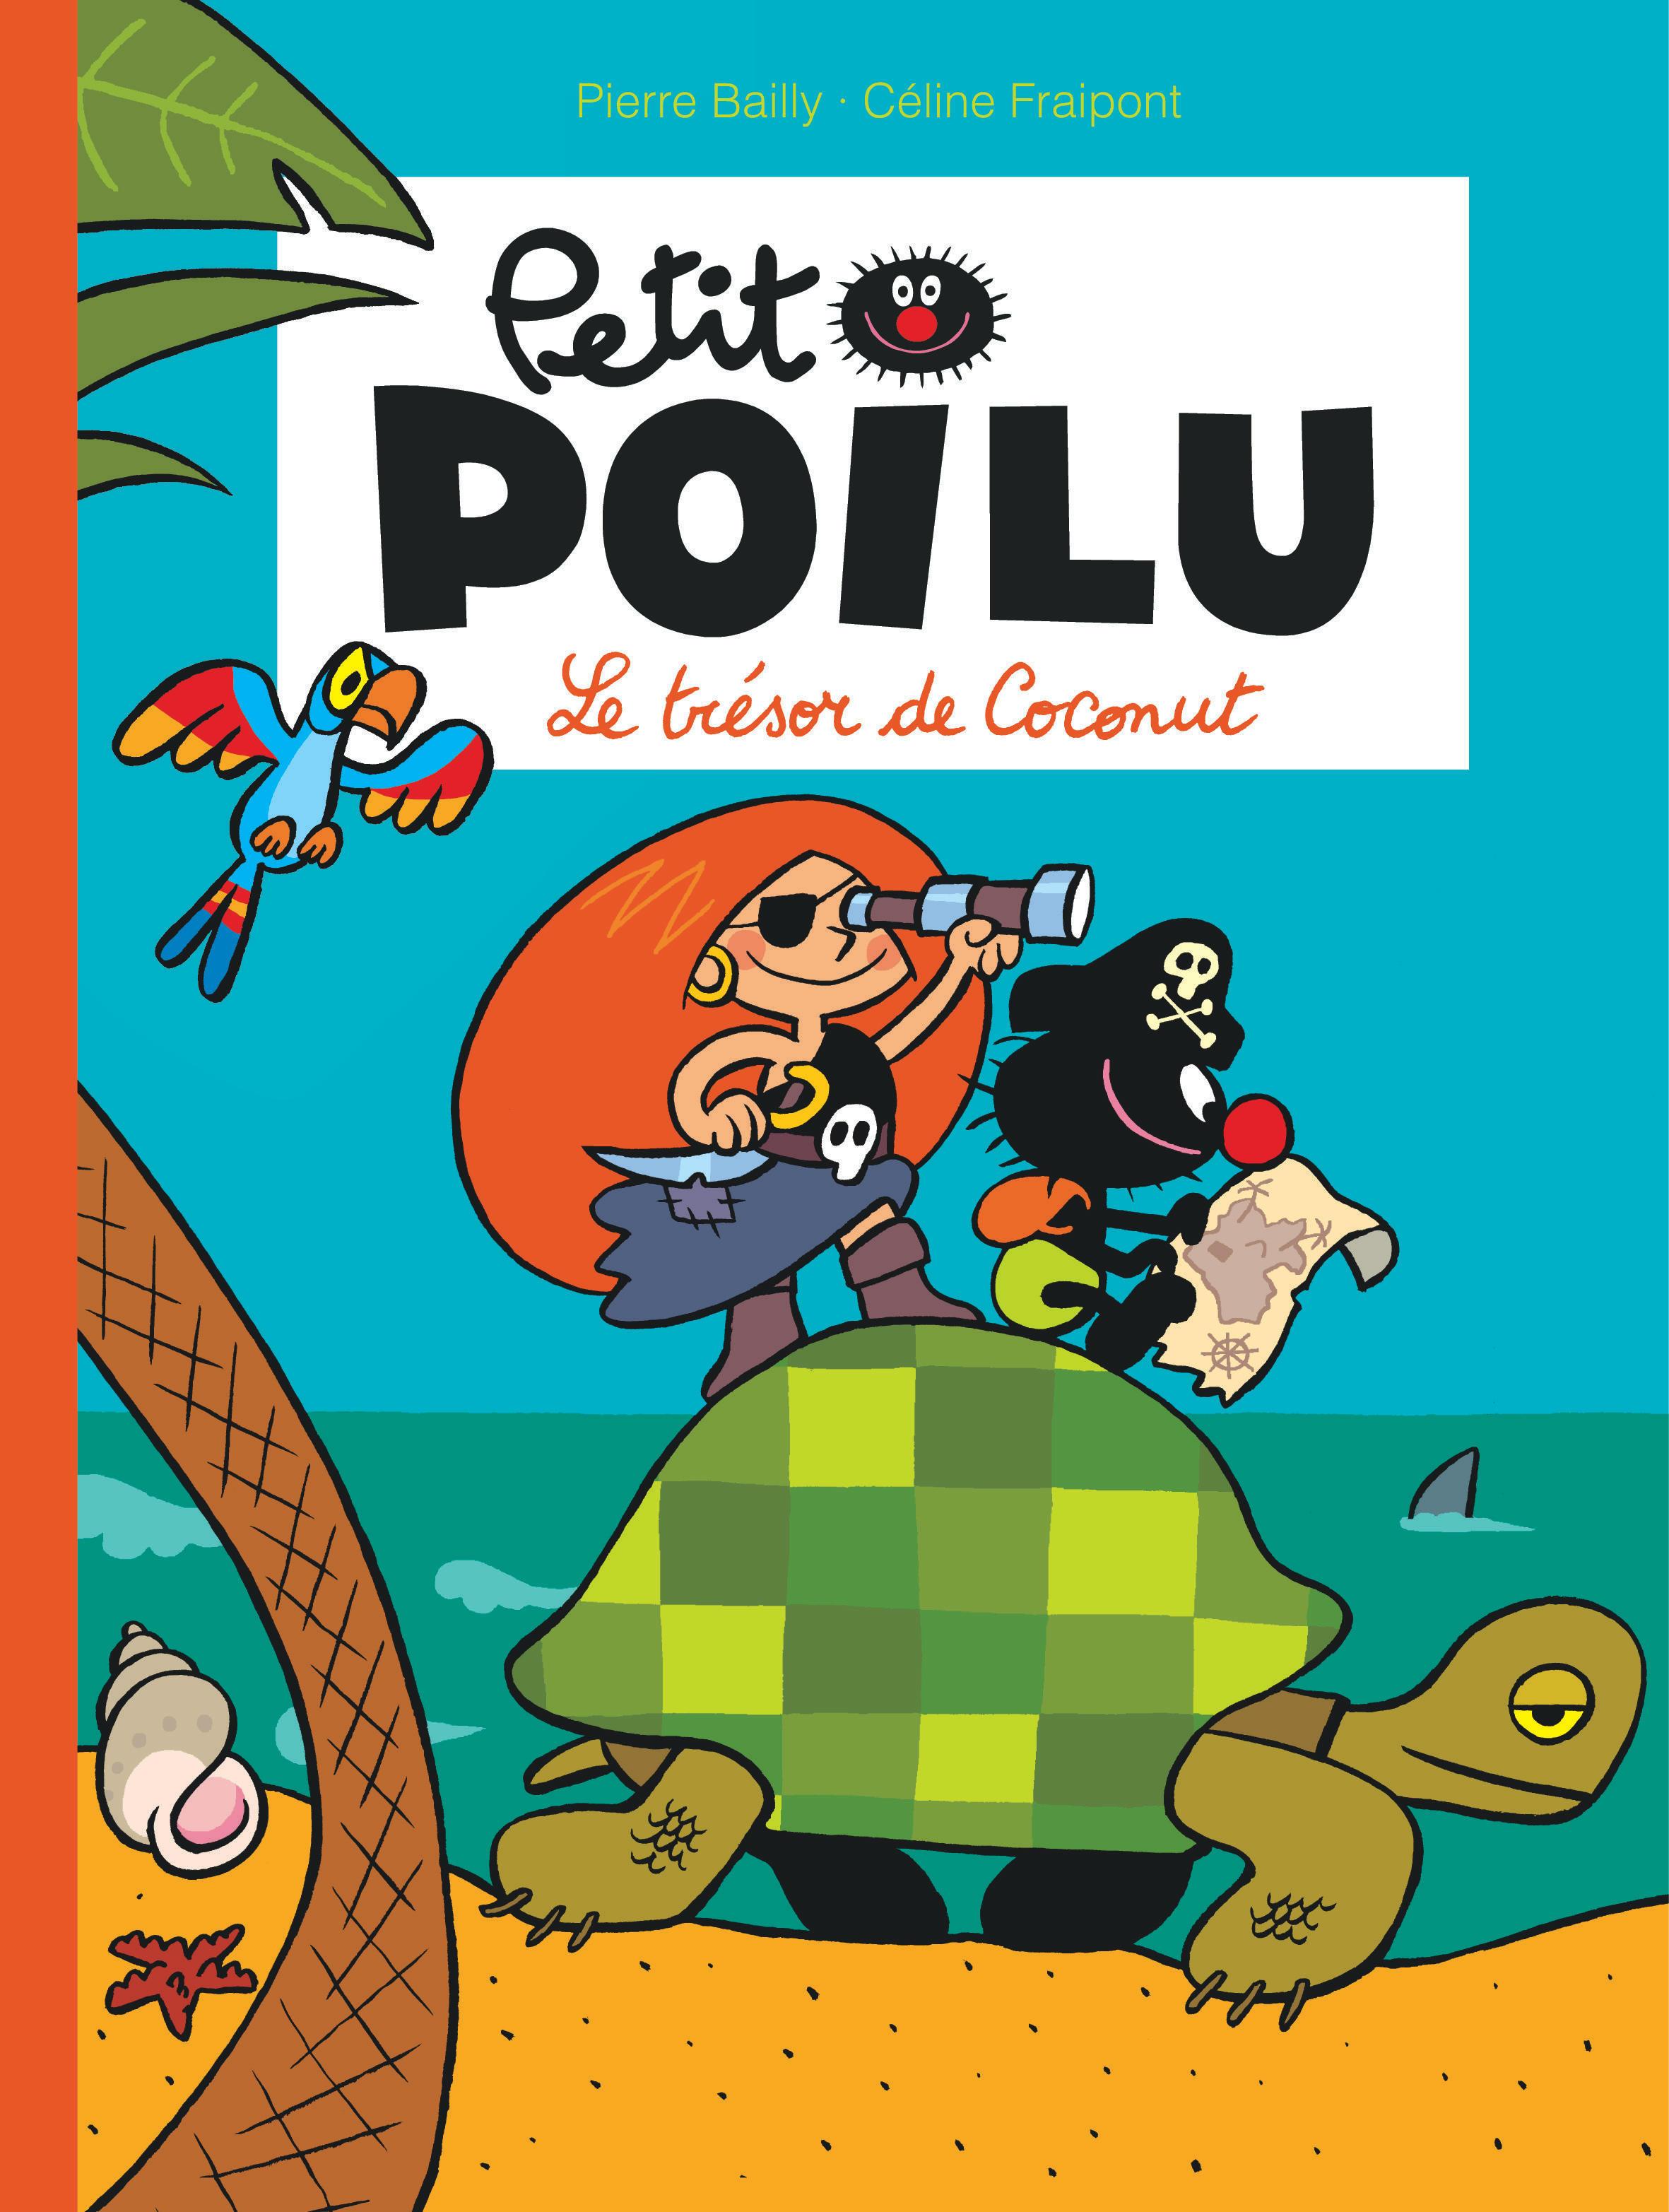 PETIT POILU - TOME 9 - LE TRESOR DE COCONUT (NOUVELLE MAQUETTE)